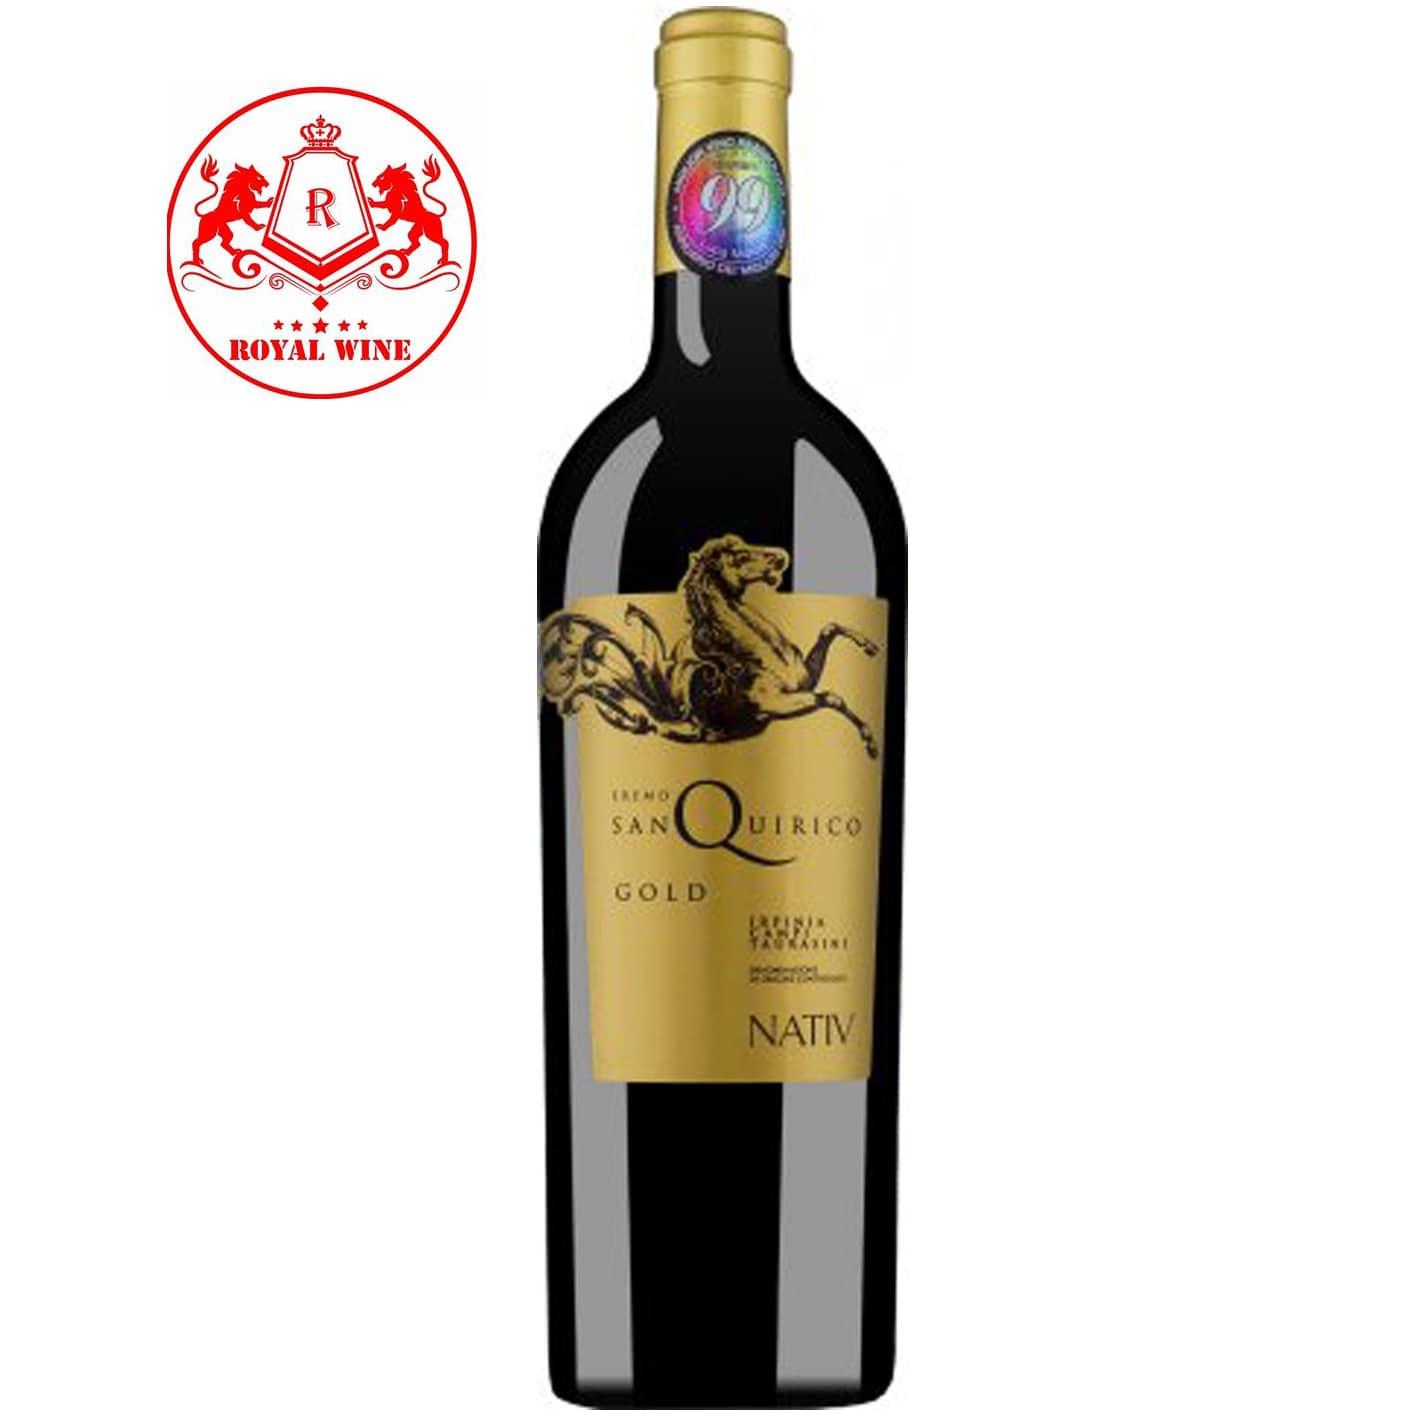 Rượu vang EREMO SAN QUIRICO GOLD